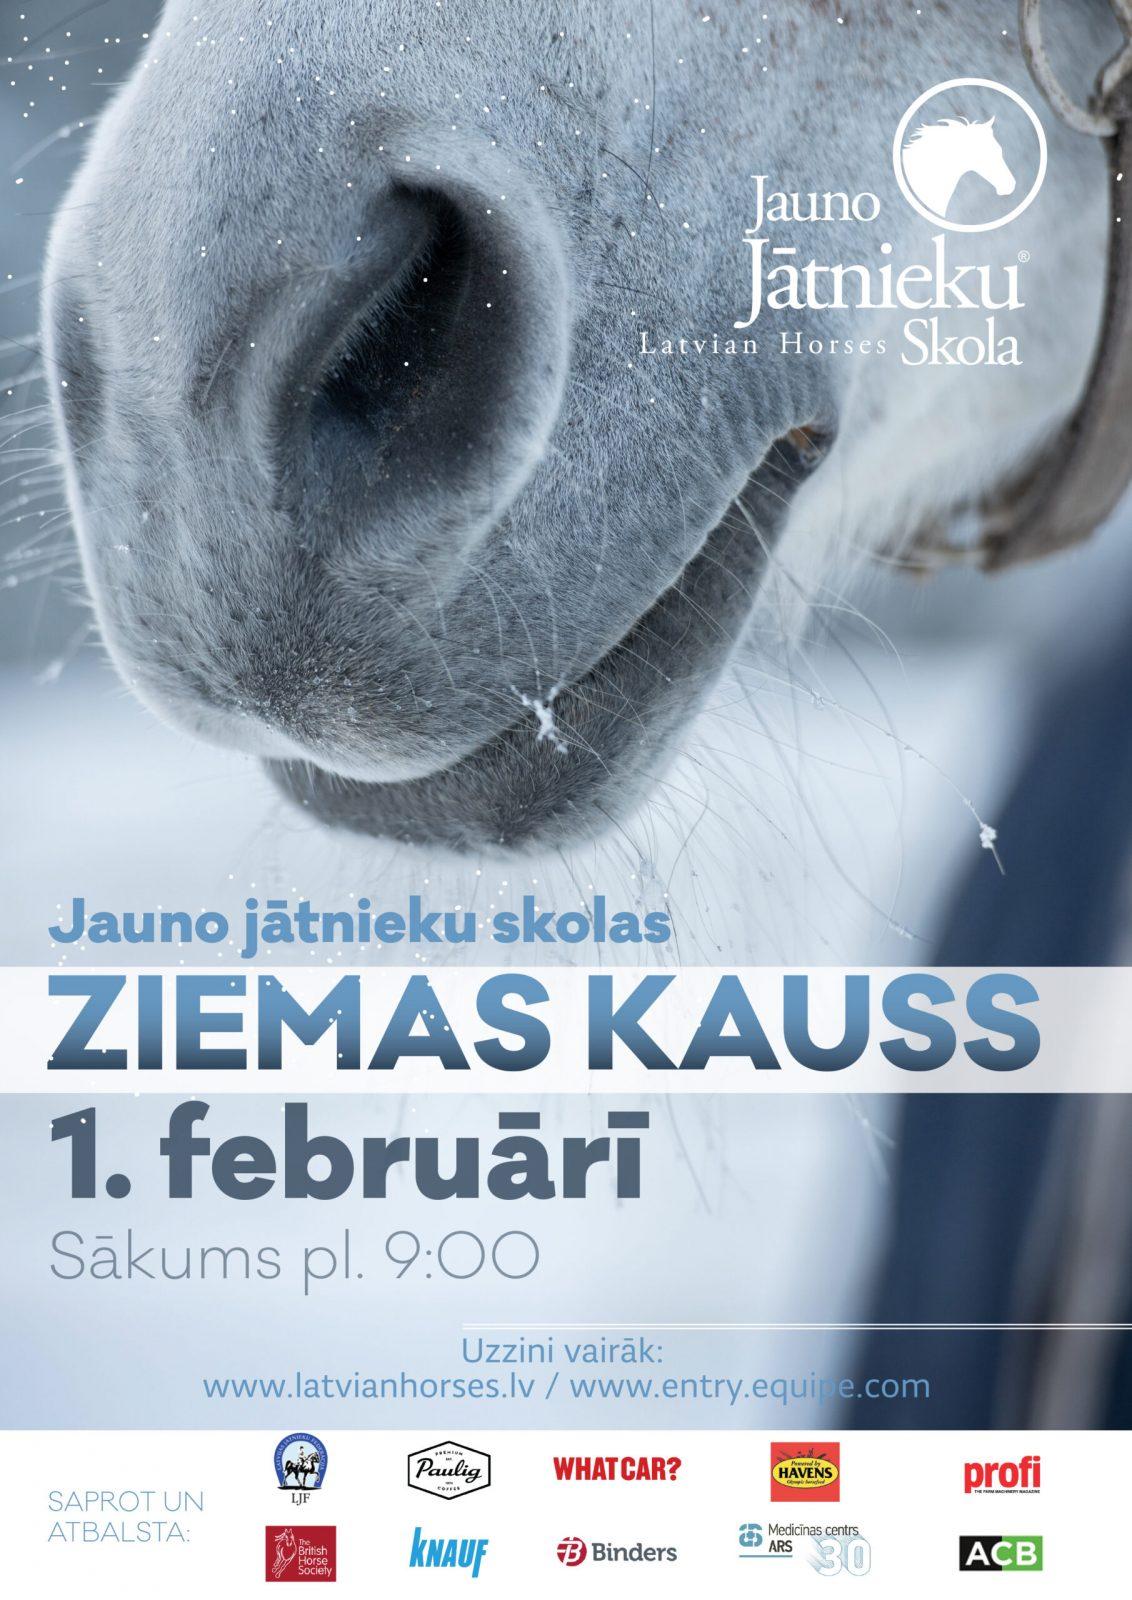 ZIEMAS KAUSS - JAUNO JATNIEKU SKOLA